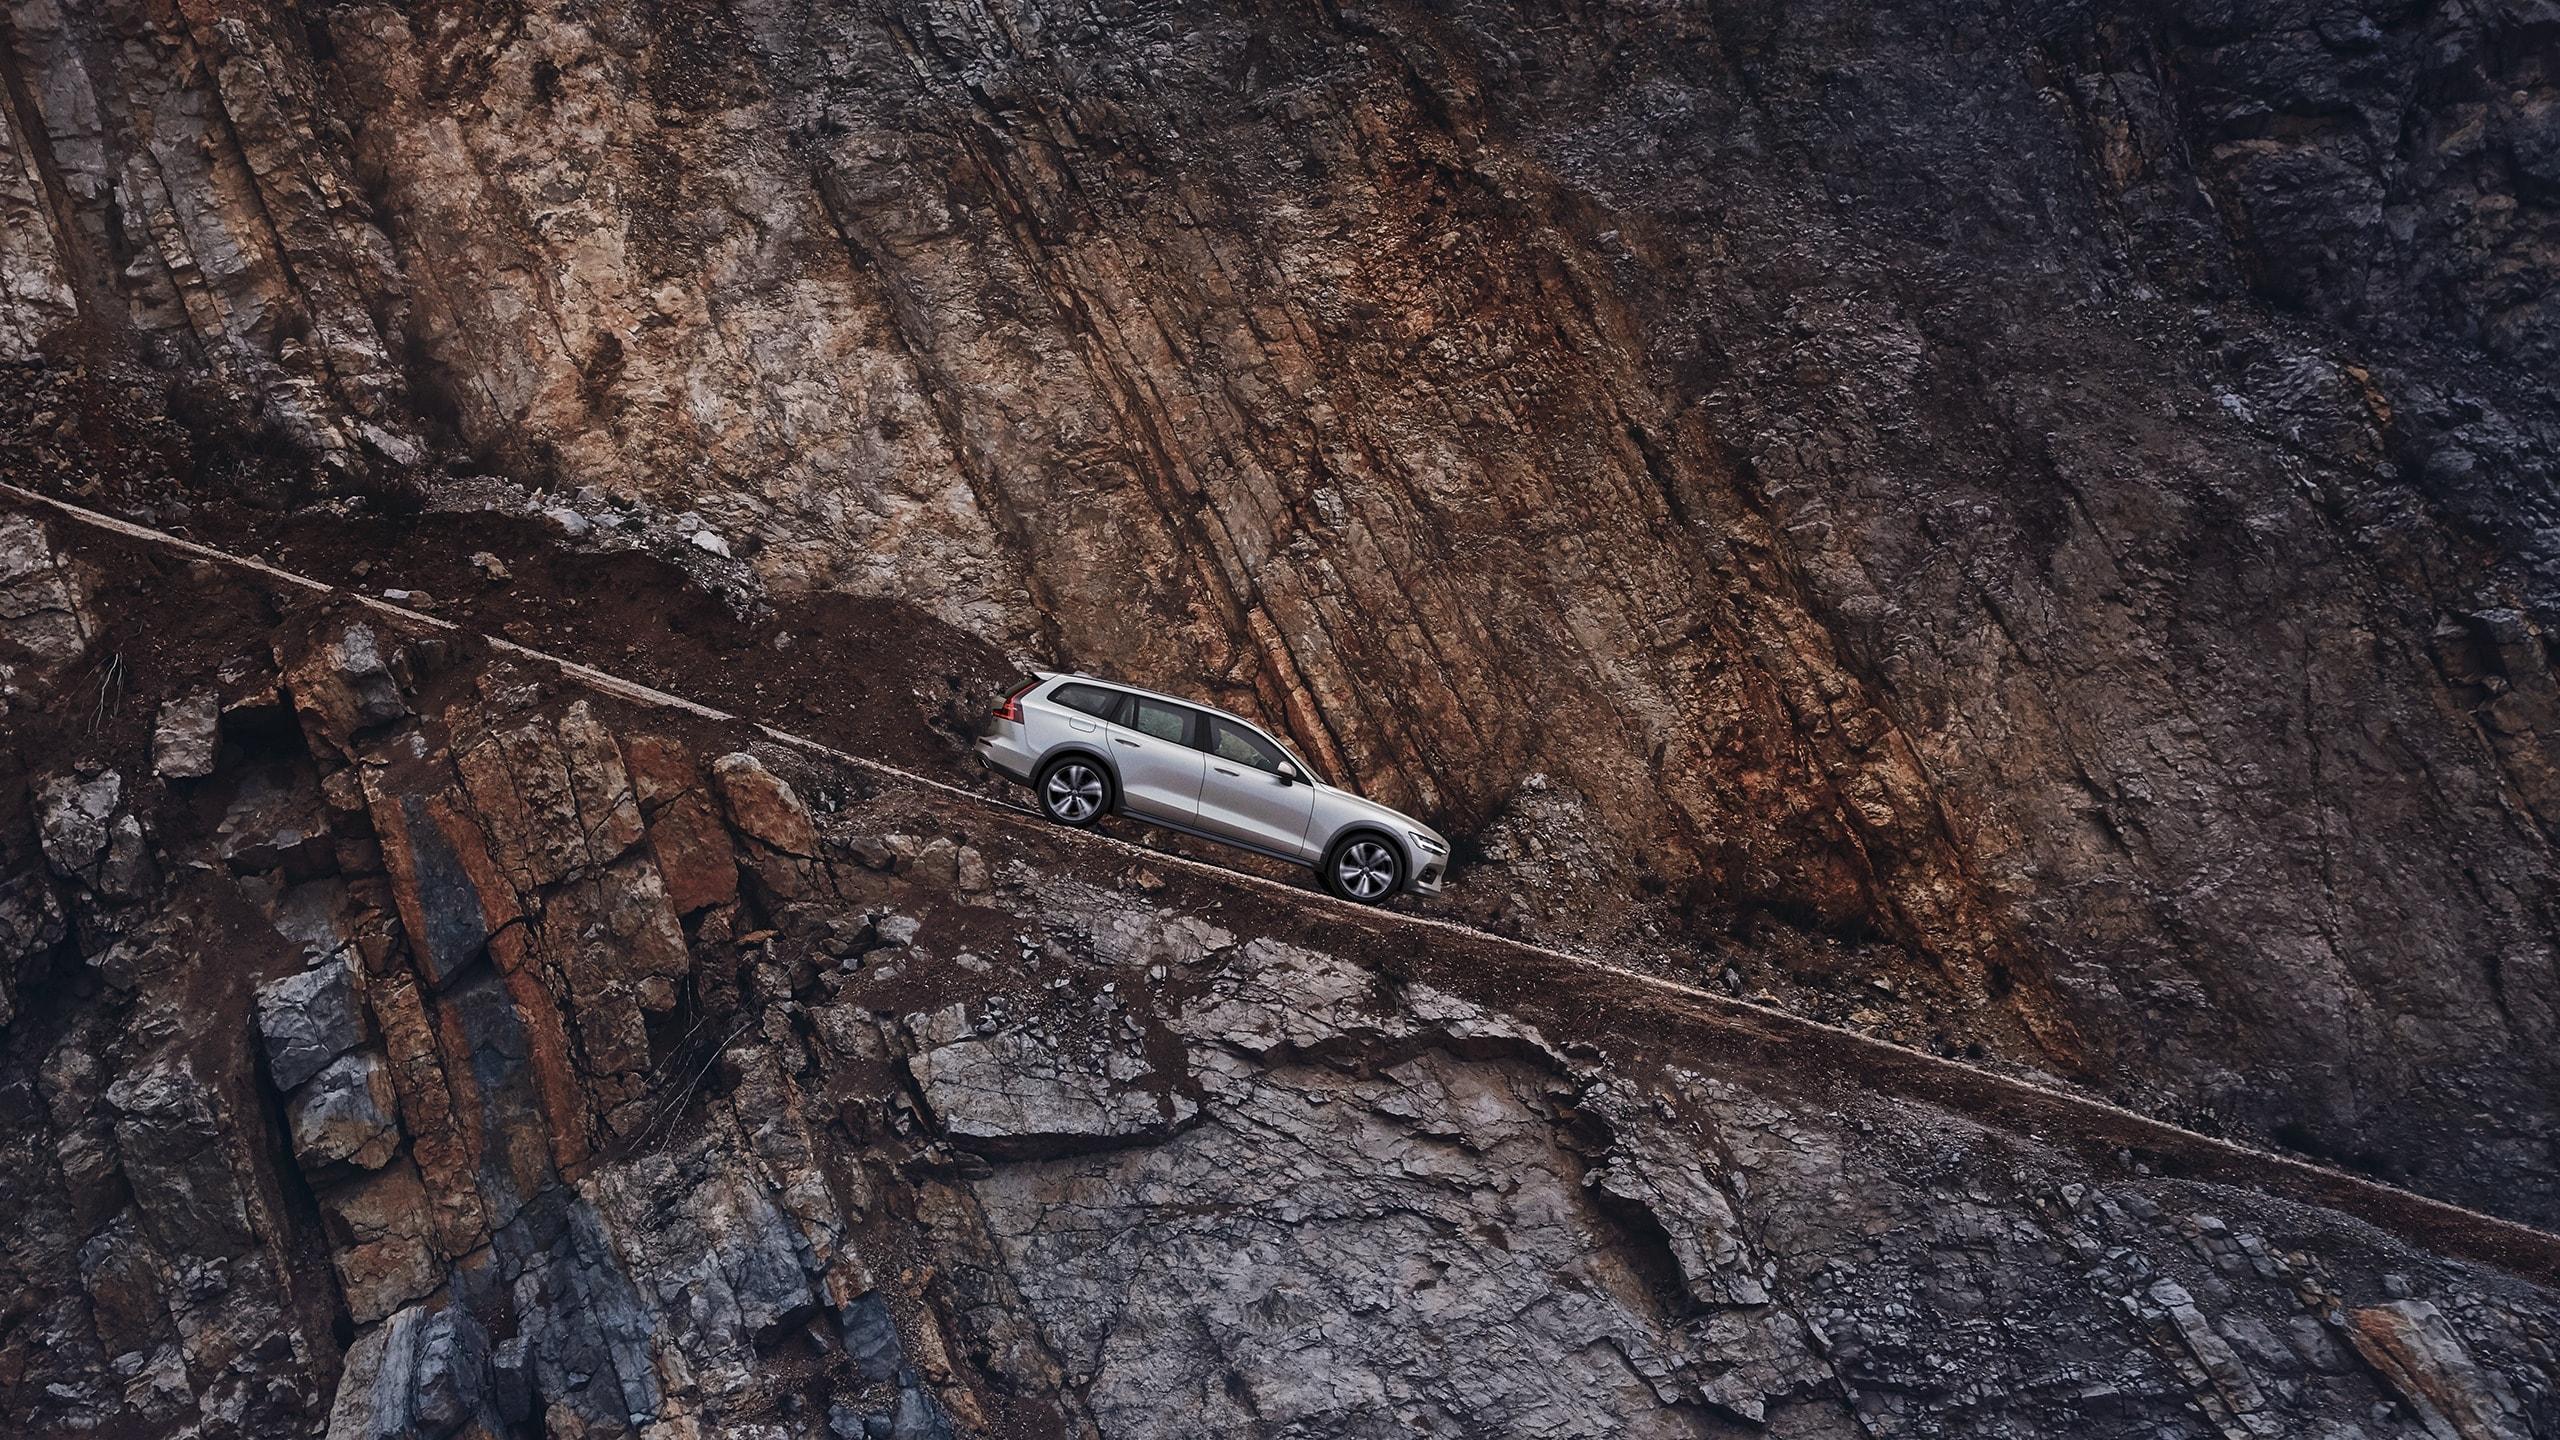 Uma Volvo V60 Cross Country percorre uma estrada montanhosa